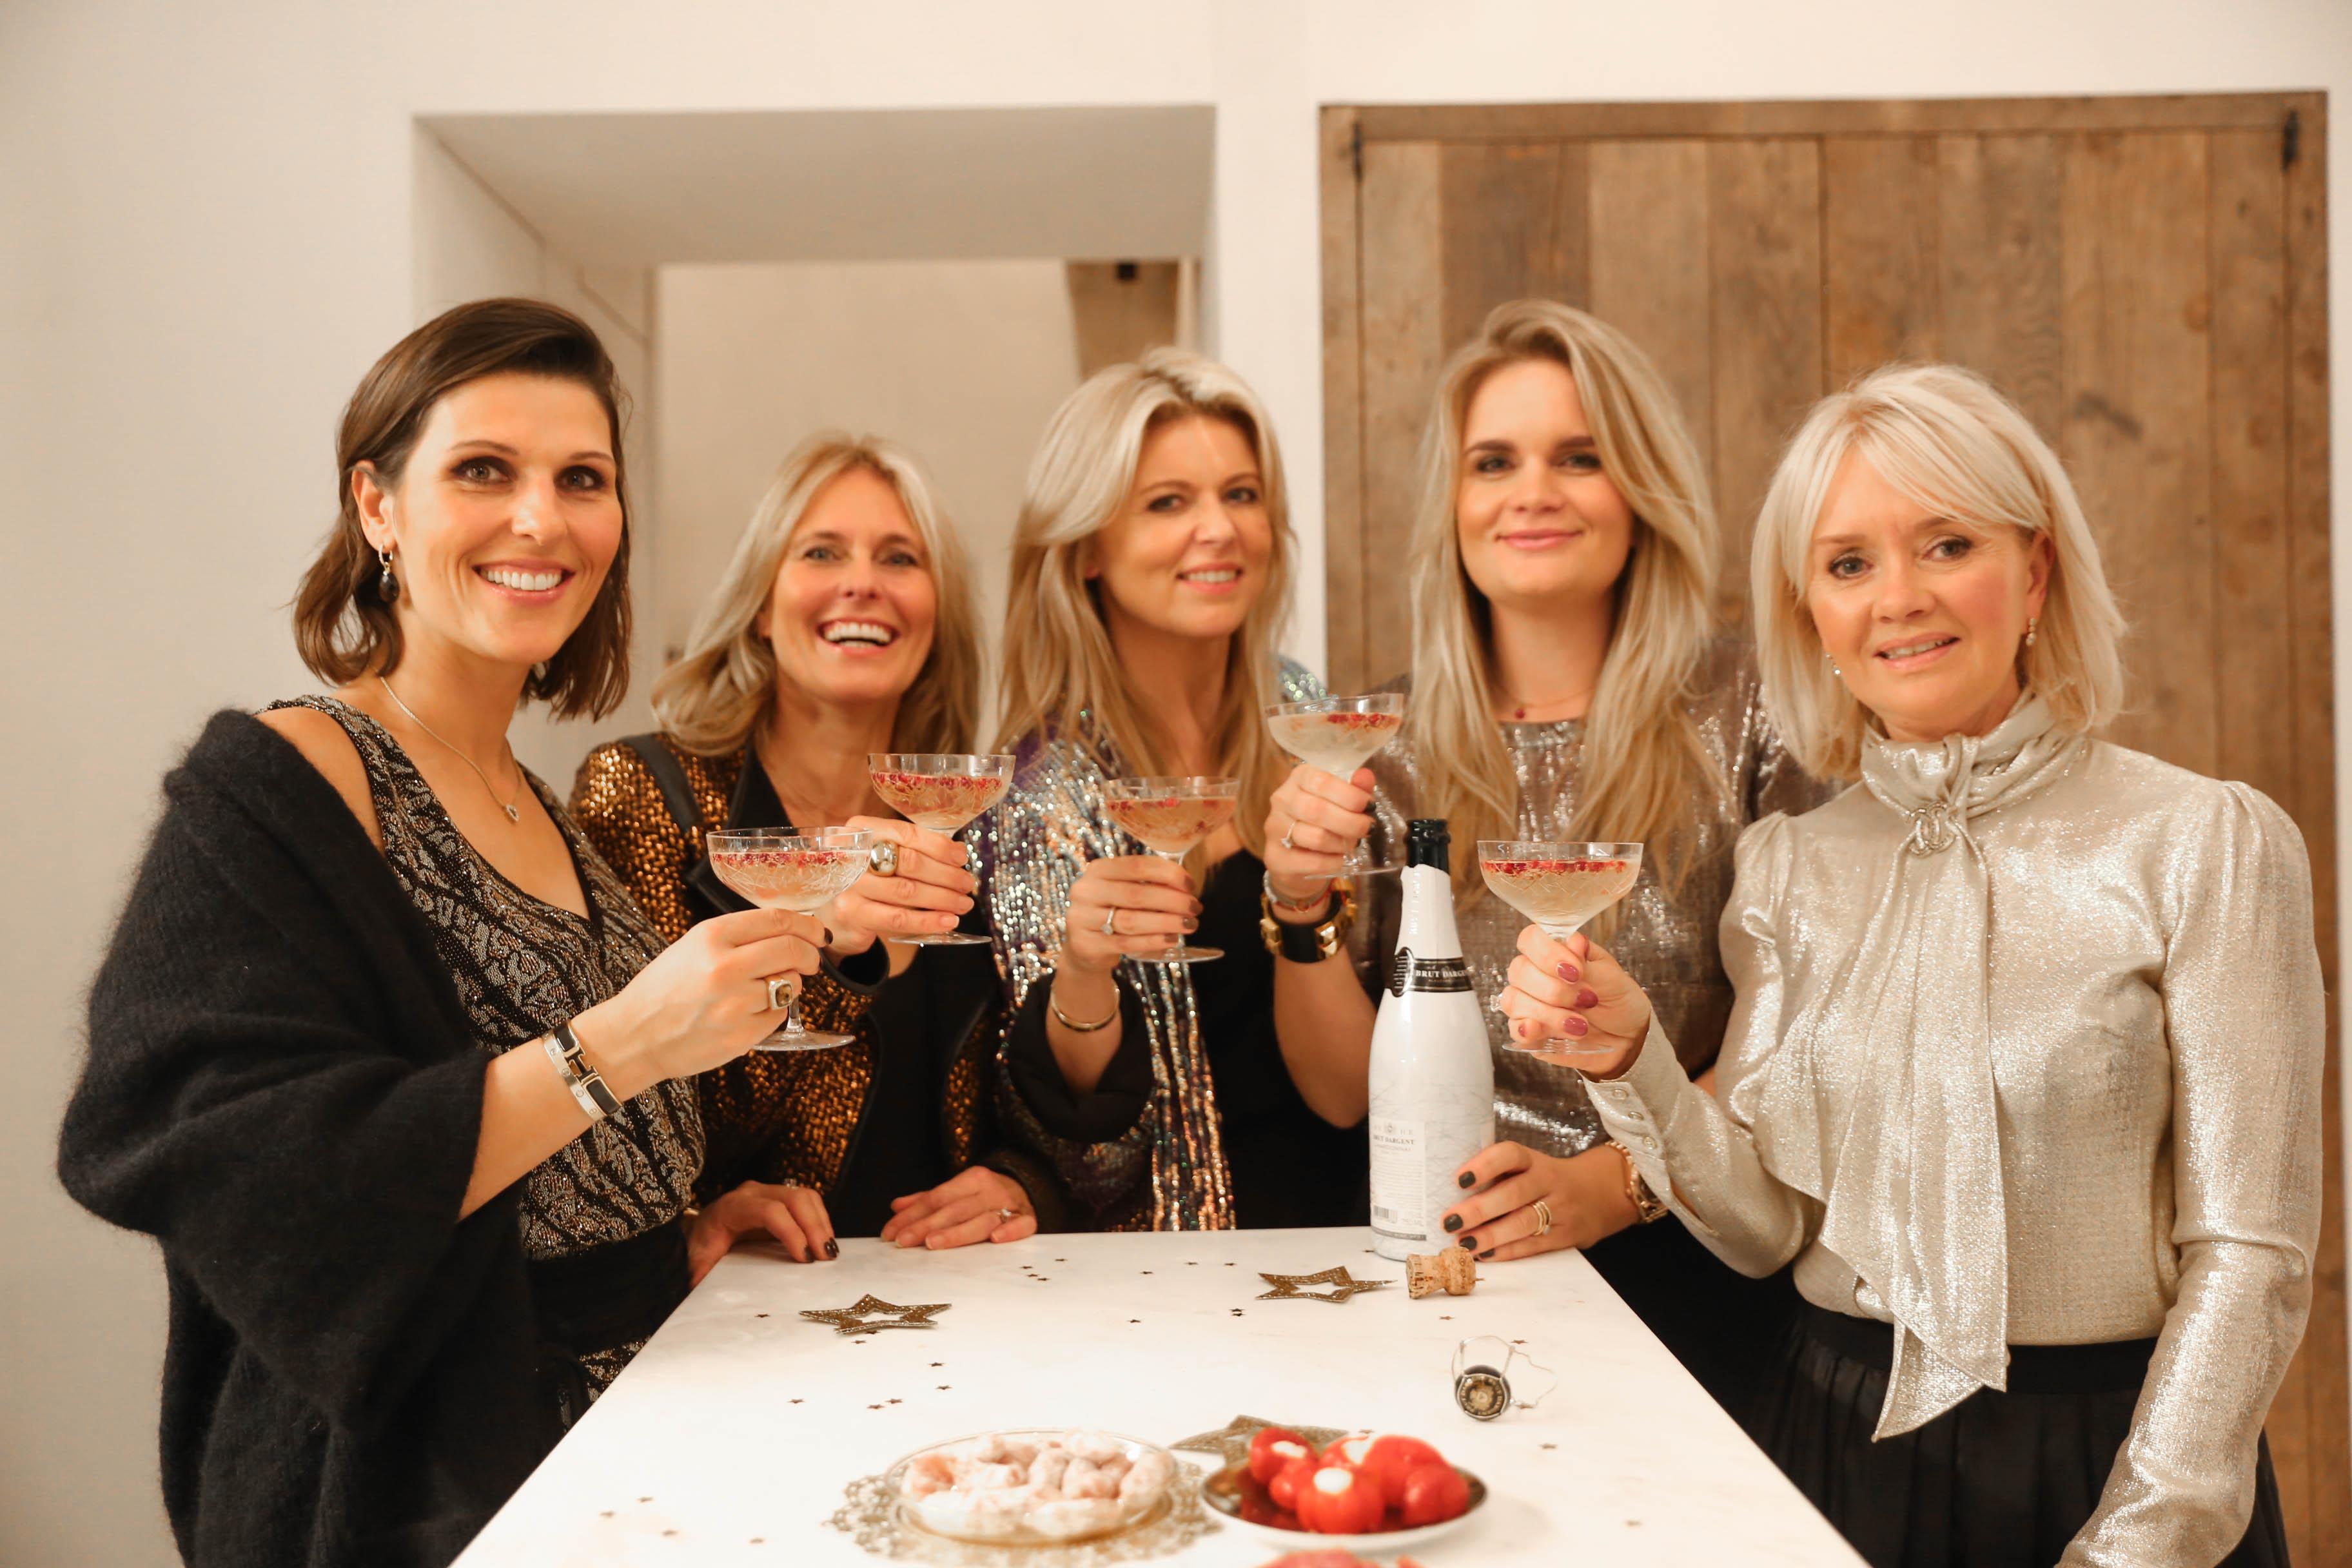 New Year's diner met mijn liefste vriendinnen..